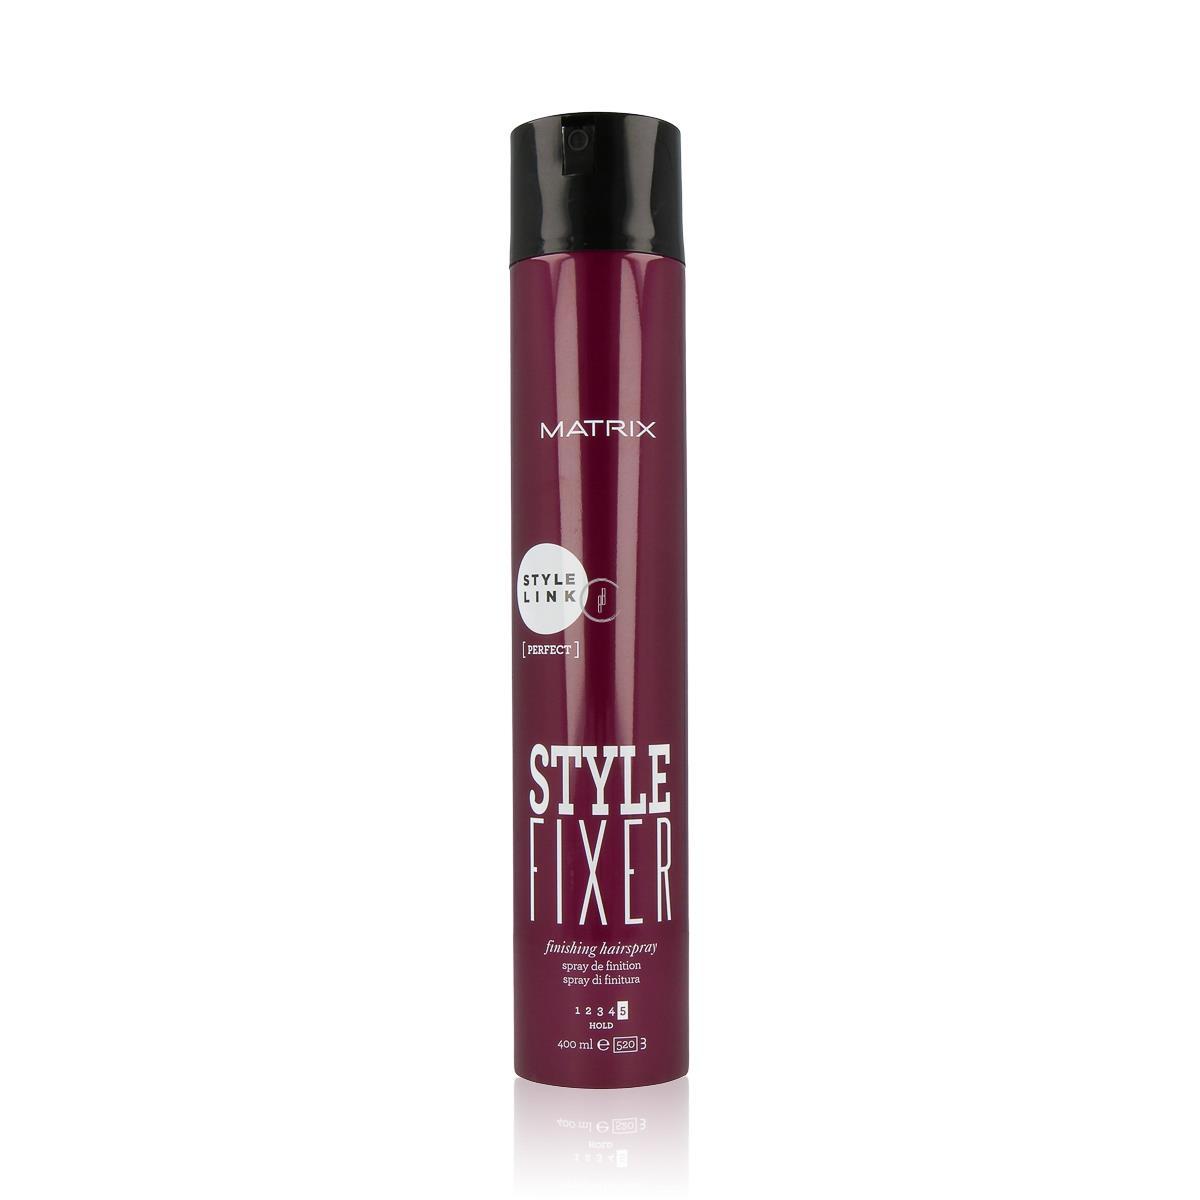 MATRIX Style Link Style Fixer Finishing Hairspray - Mocno utrwalający lakier do włosów